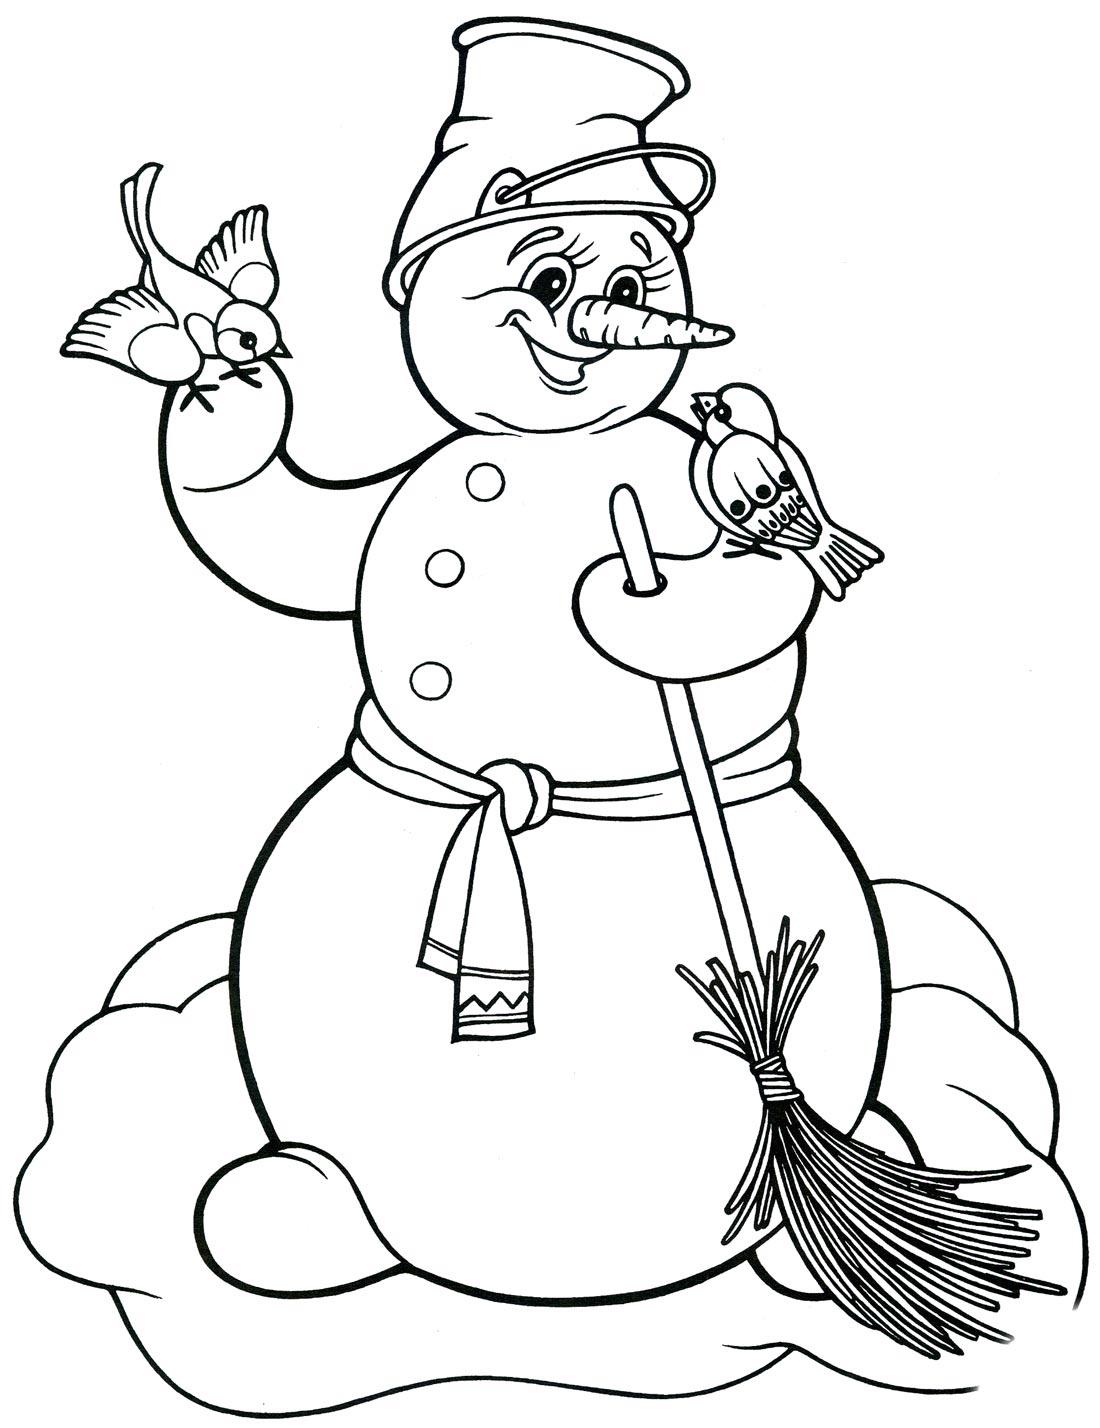 ребёнка картинки раскраски снеговика на новый год небом землёй тобой